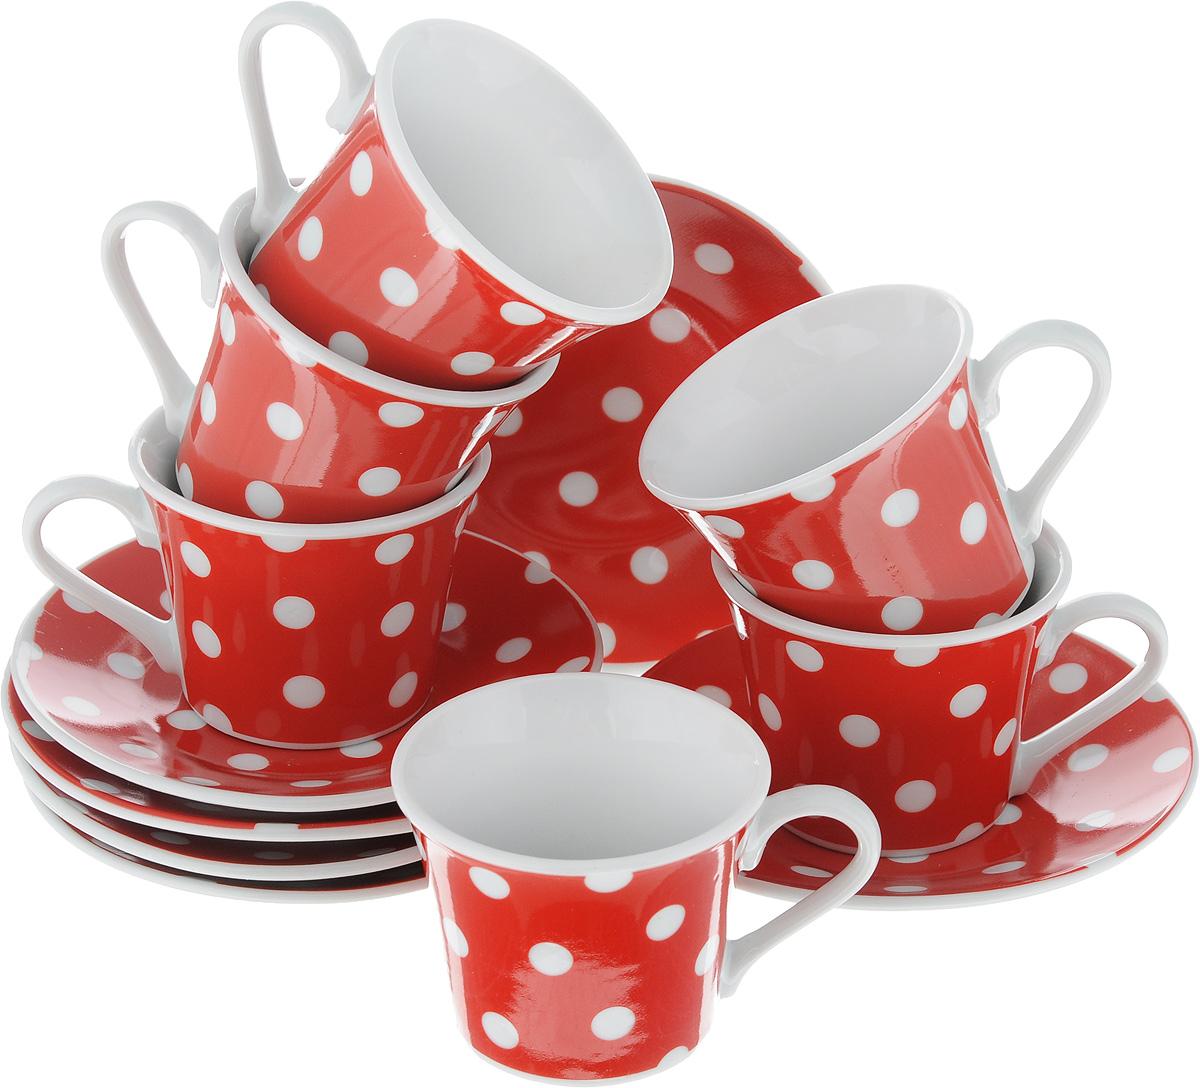 Набор кофейный Loraine Горох, 12 предметов4195Кофейный набор Loraine Горох состоит из 6 чашек и 6 блюдец. Изделия выполнены из высококачественного фарфора, имеют яркий дизайн и классическую круглую форму. Такой набор прекрасно подойдет как для повседневного использования, так и для праздников. Набор Loraine Горох - это не только яркий и полезный подарок для родных и близких, а также великолепное дизайнерское решение для вашей кухни или столовой. Набор упакован в подарочную коробку.Диаметр чашки (по верхнему краю): 6,2 см. Высота чашки: 5,2 см. Диаметр блюдца (по верхнему краю): 11 см. Высота блюдца: 1,5 см.Объем чашки: 80 мл.